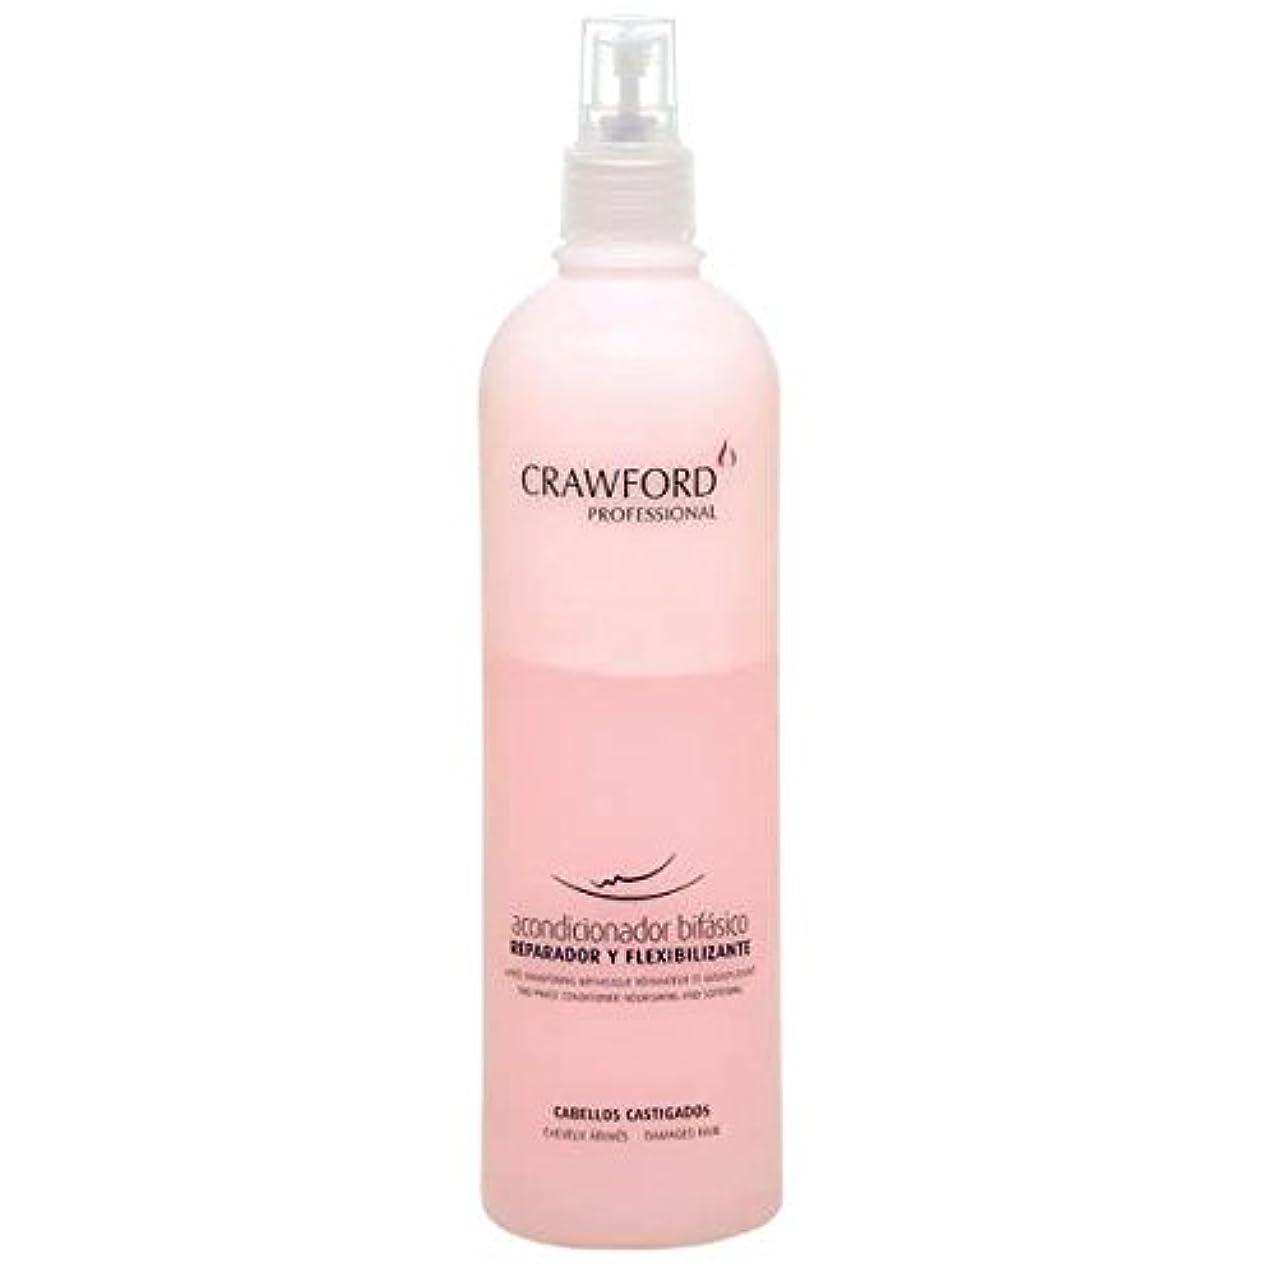 残酷ベテラン残酷クロフォードヘアコンディショナー500 ml - 6(合計3000 ml)